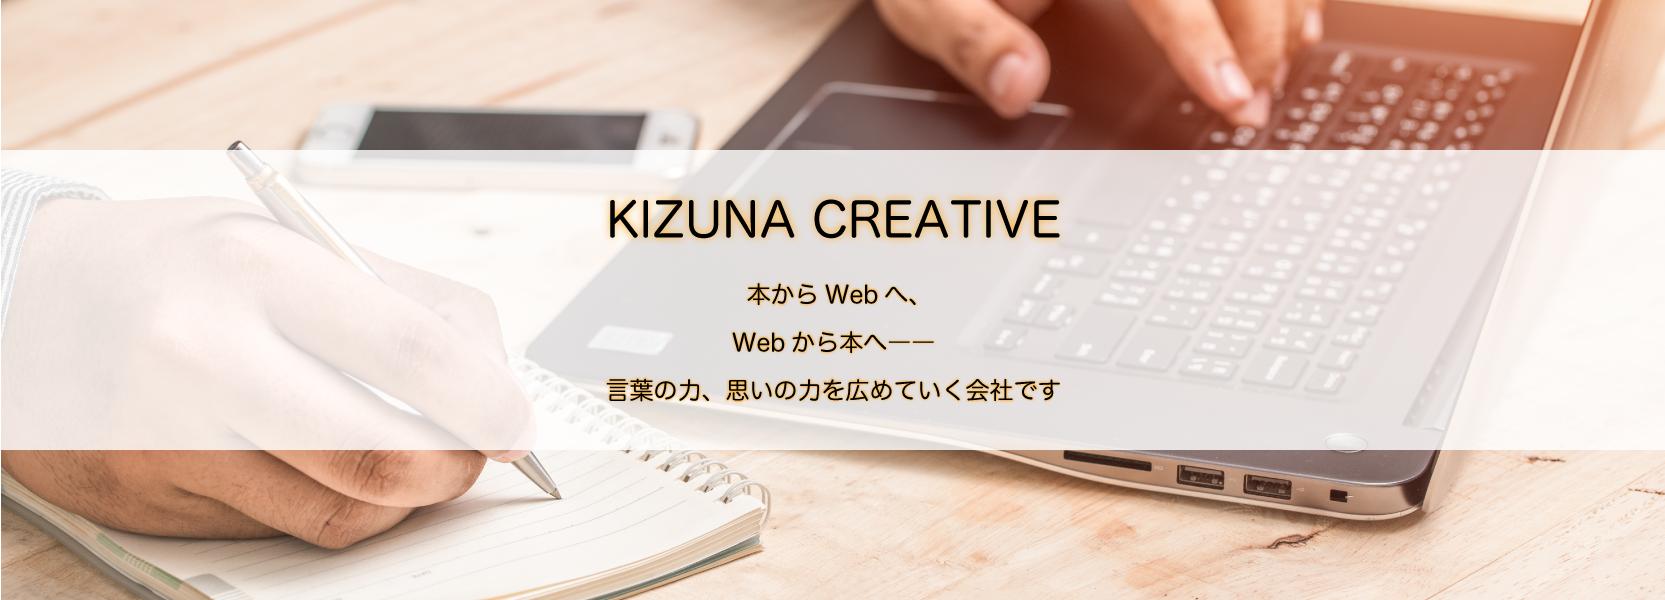 KIZUNA CREATIVE